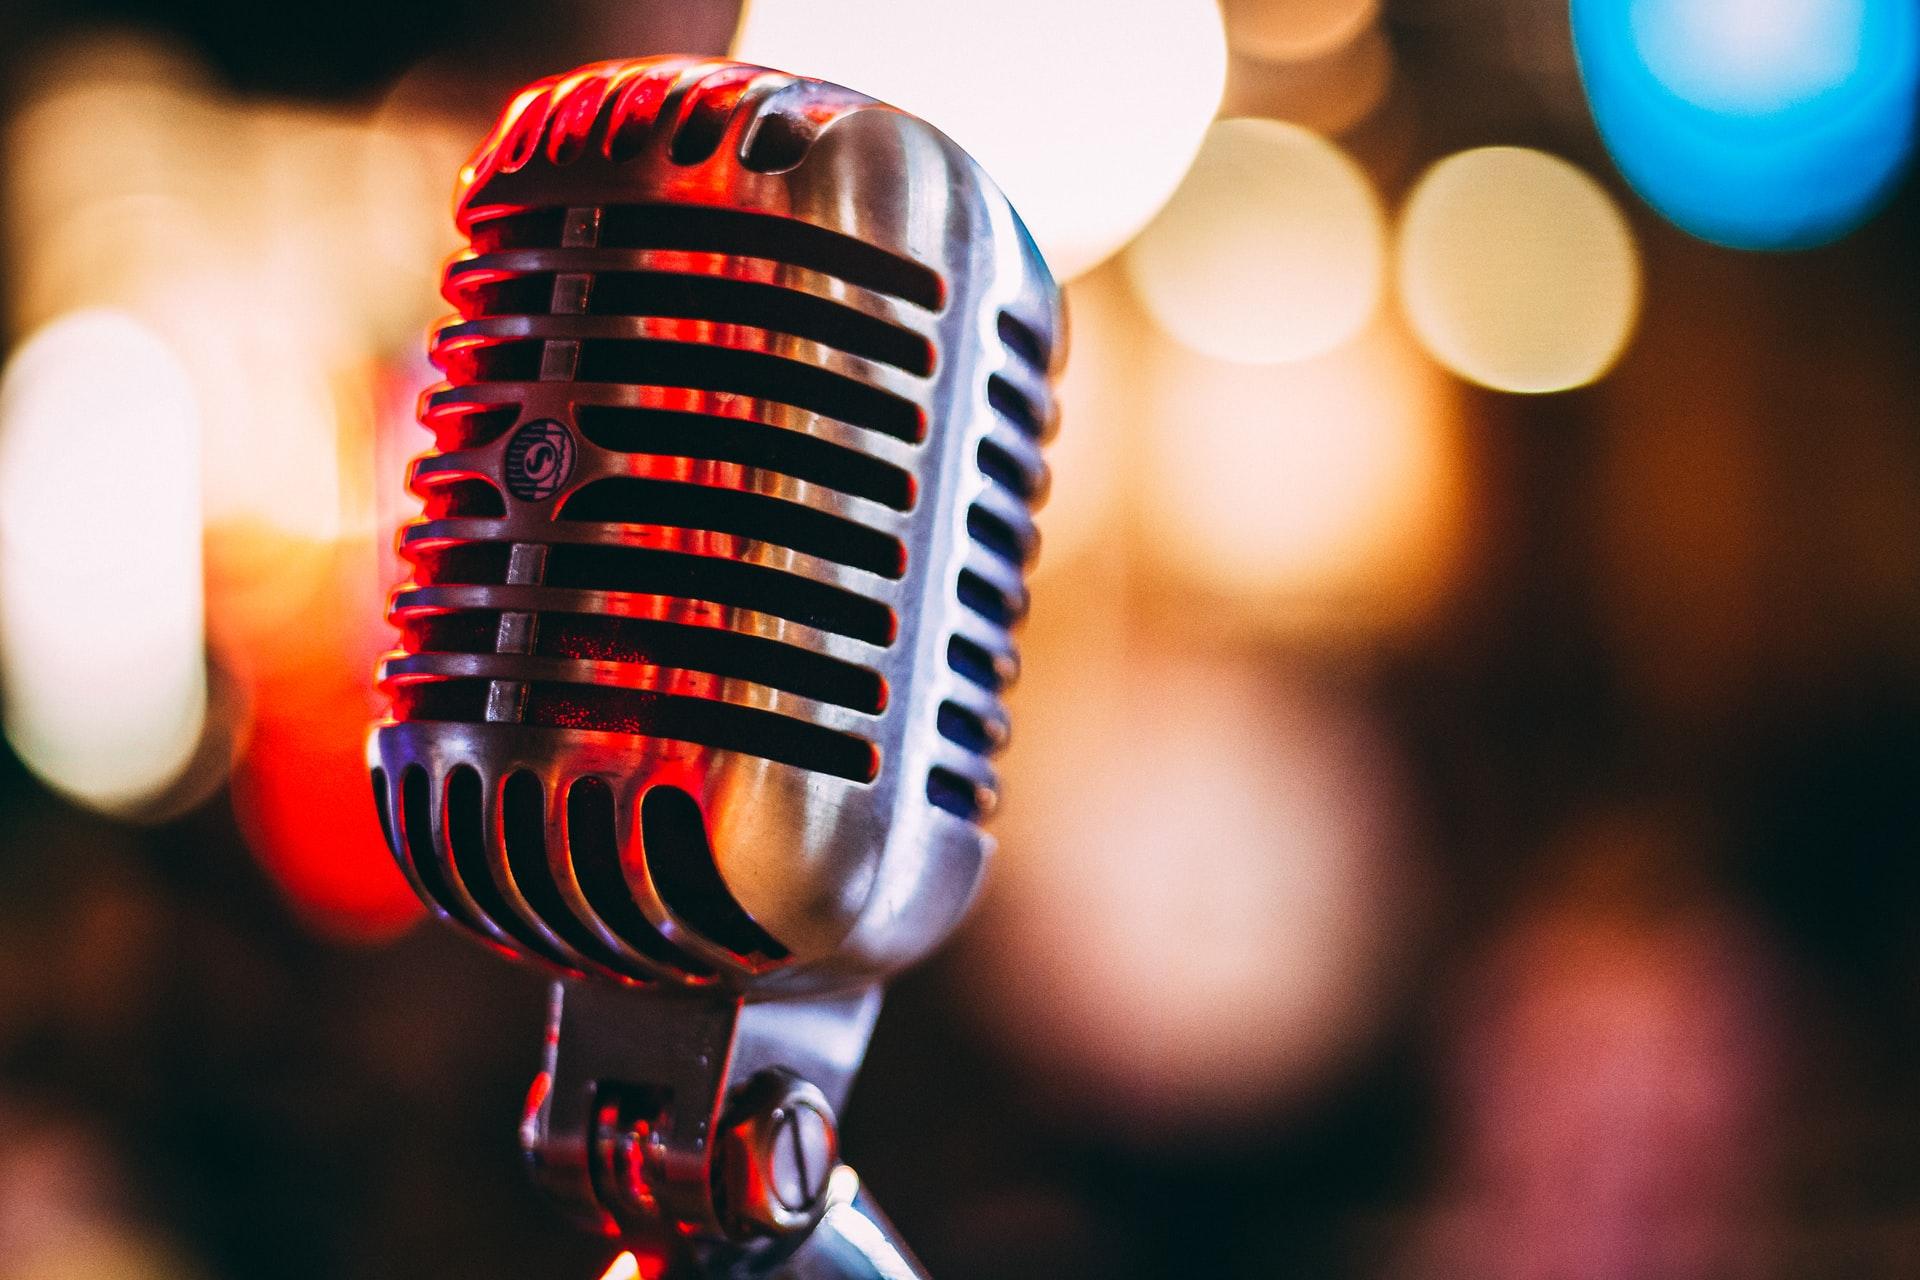 Rengarenk konser ışıklarının altında duran eski tarz bir radyo mikrofonu.